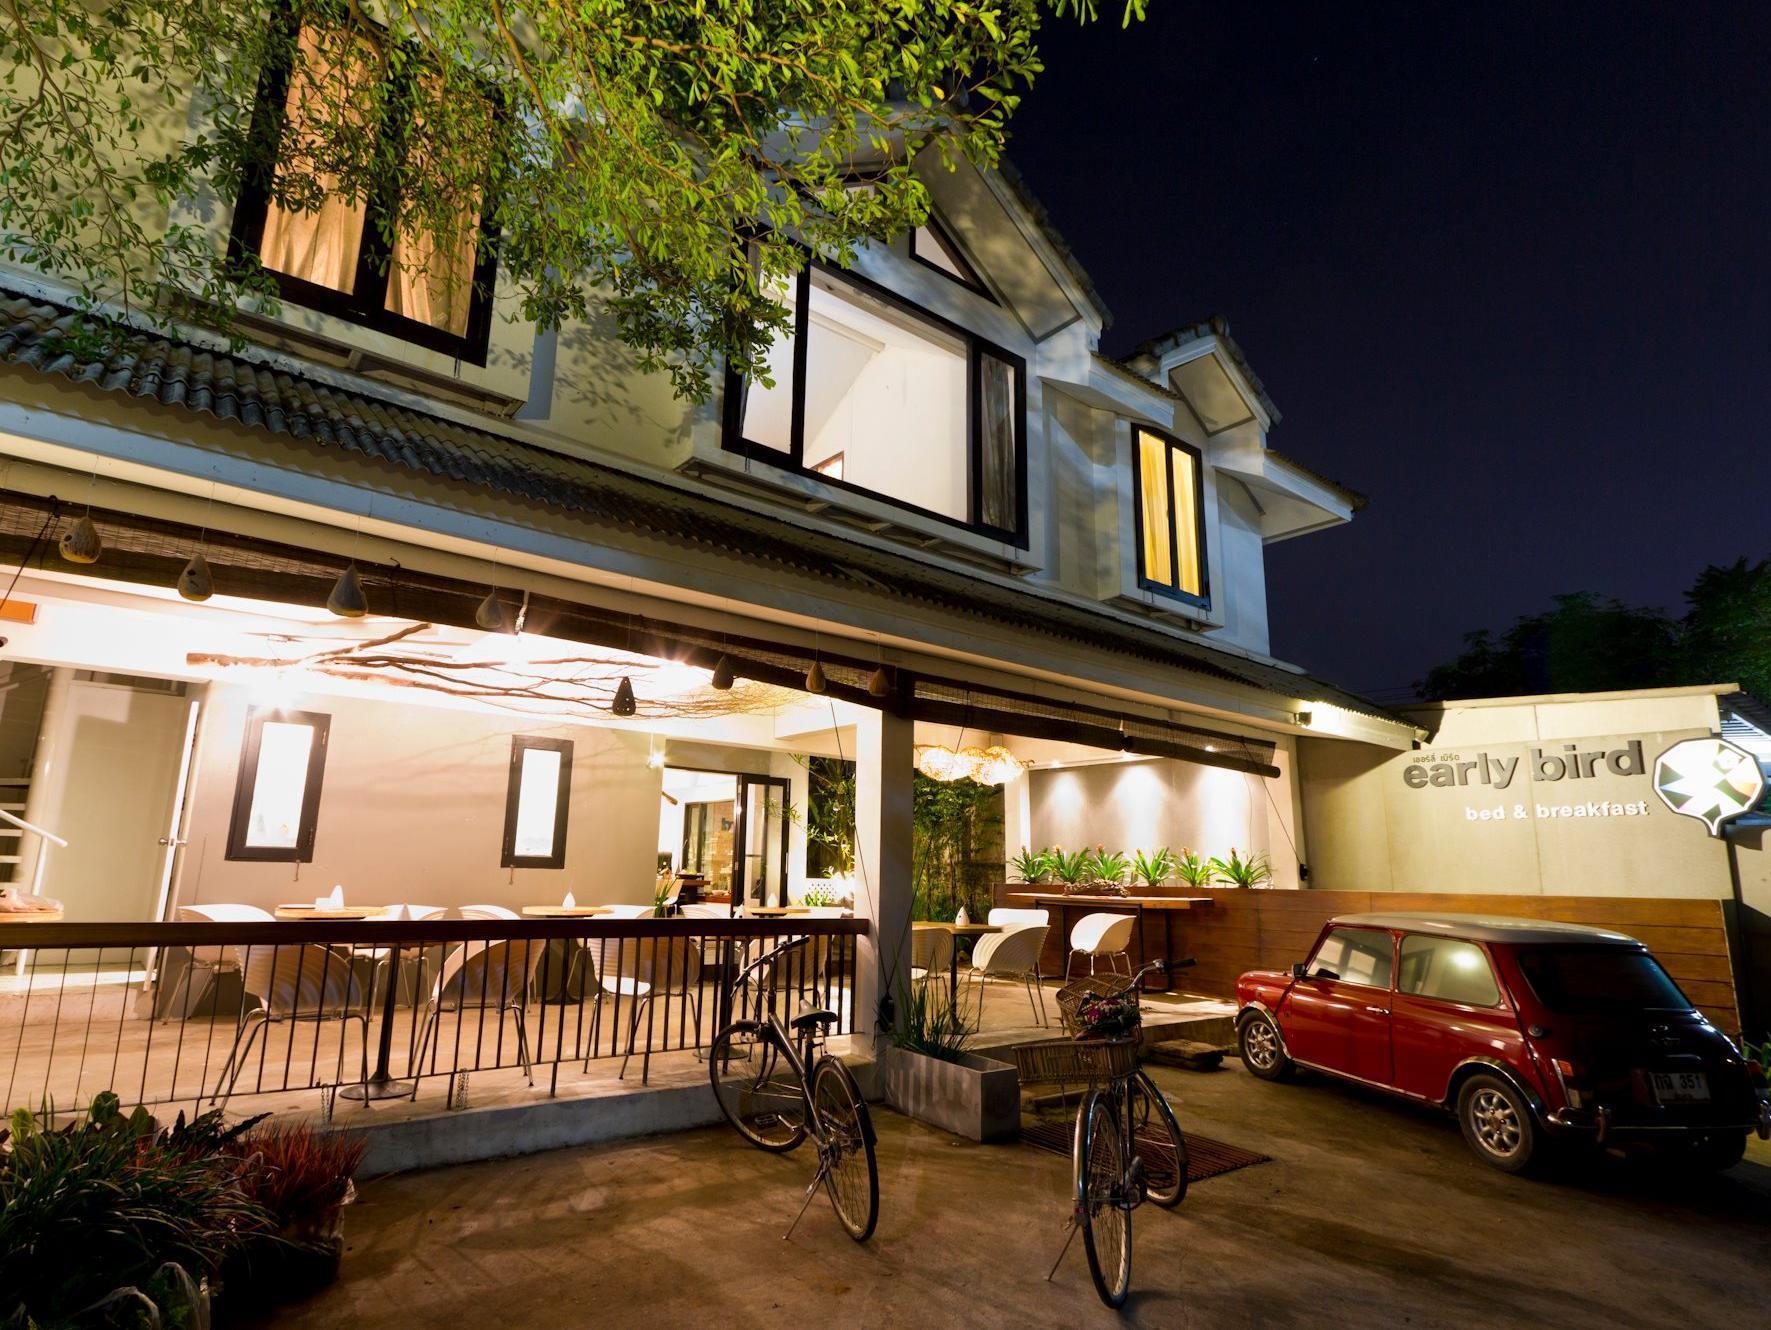 Hotell Early Bird Bed   Breakfast i , Chiang Mai. Klicka för att läsa mer och skicka bokningsförfrågan